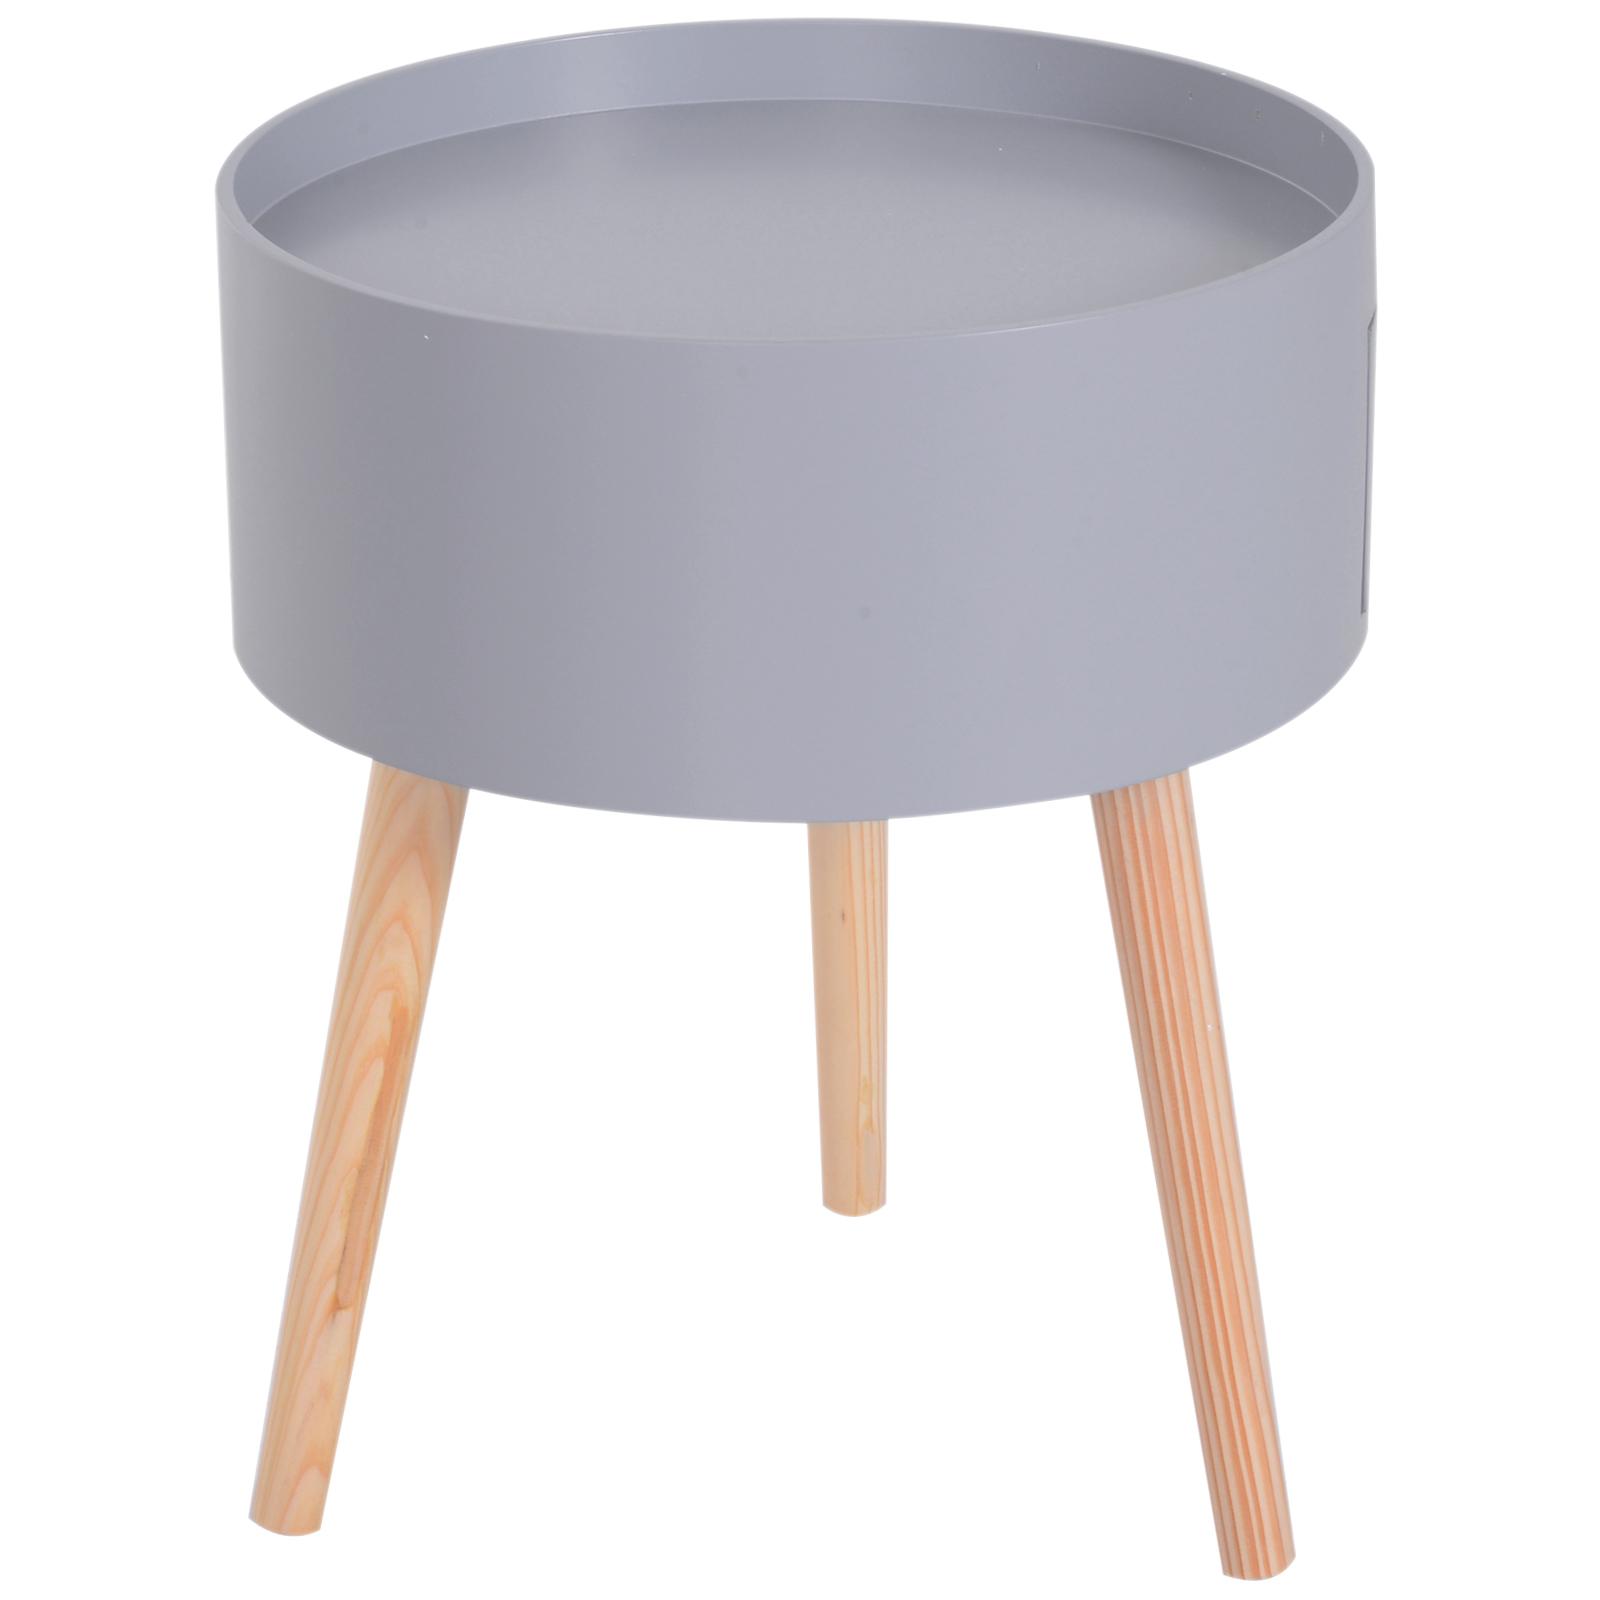 Table Basse Ronde Art Deco détails sur homcom table de chevet table basse table de nuit ronde style  scandinave